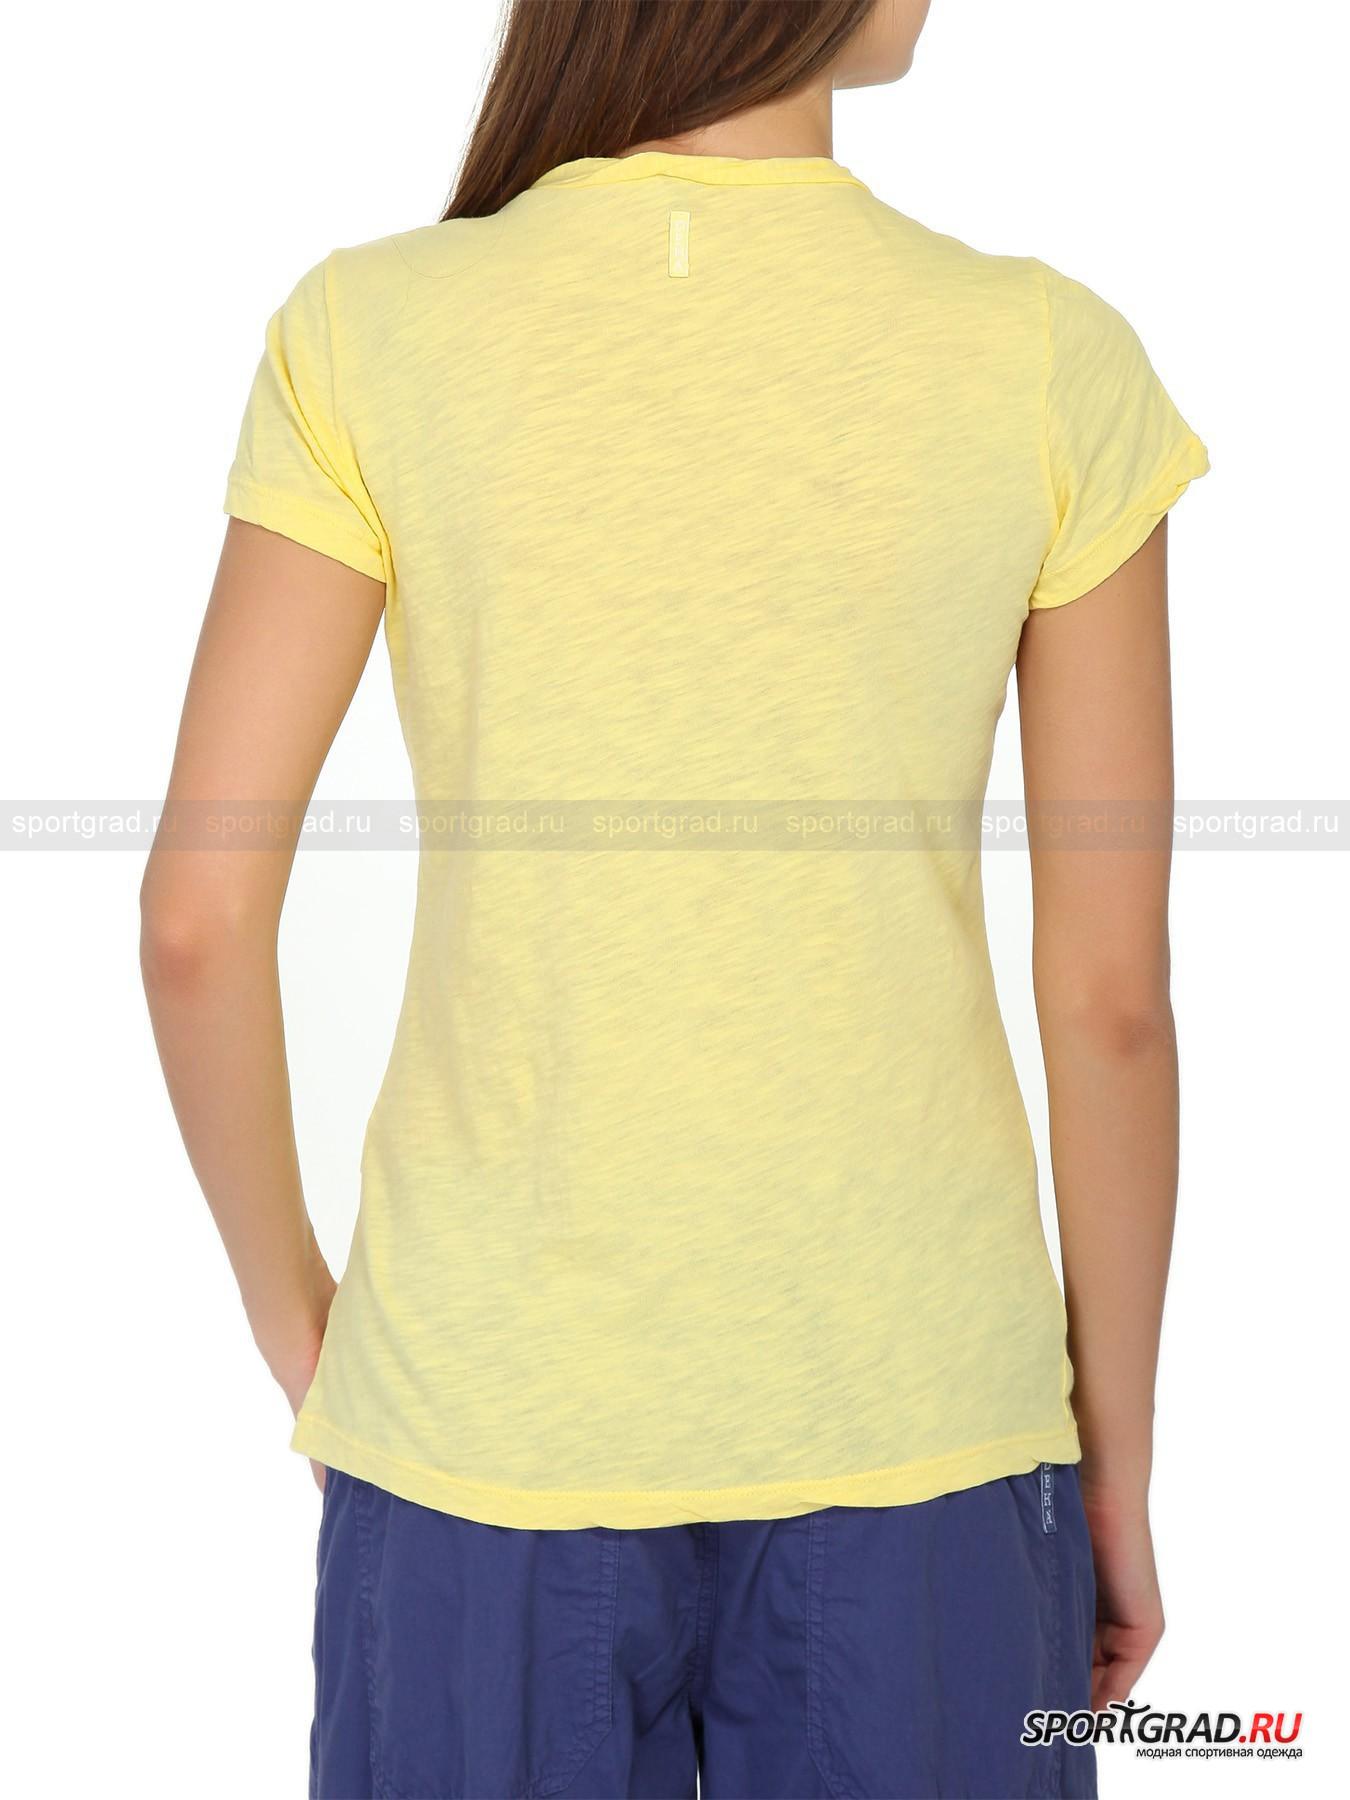 Футболка женская V-nek T-shirt DEHA от Спортград